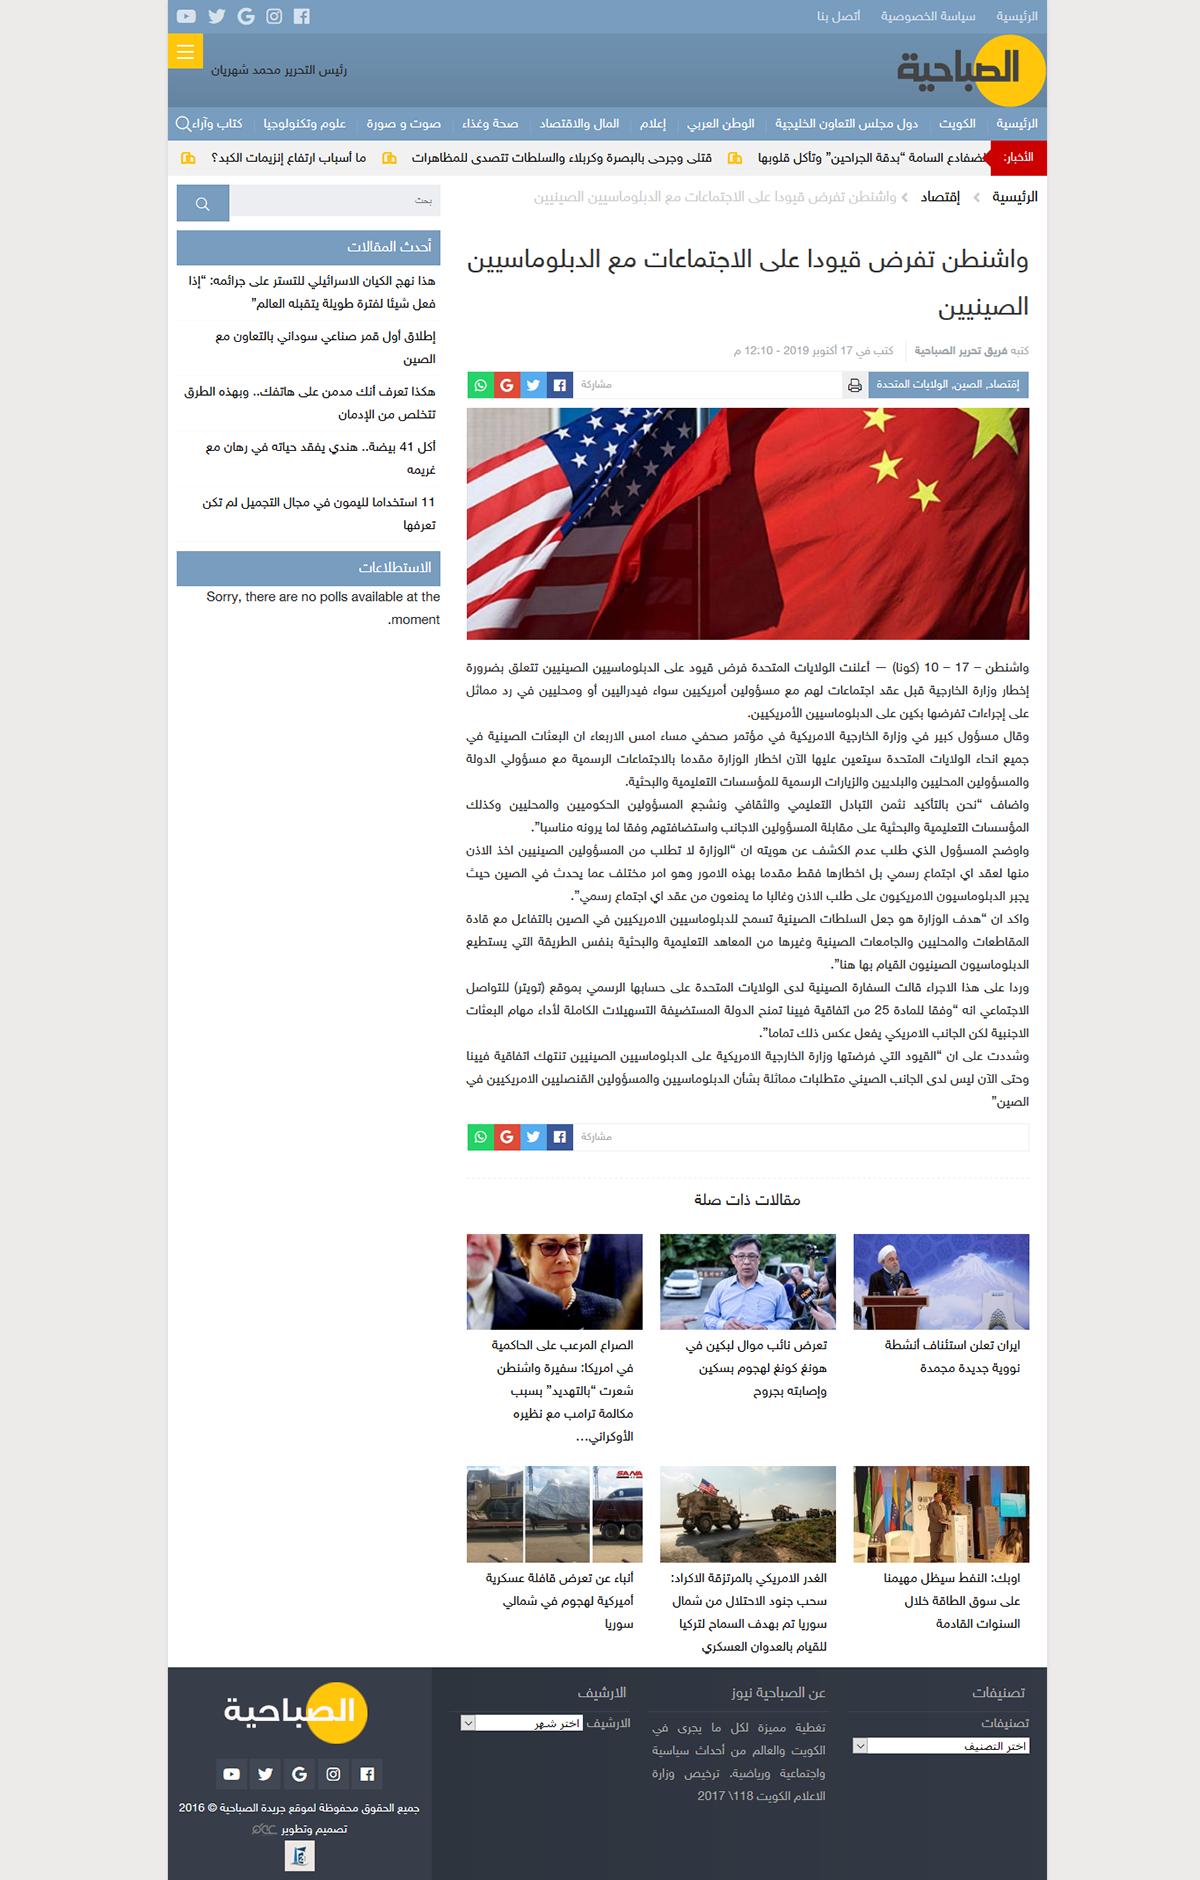 Image may contain: screenshot, abstract and flag